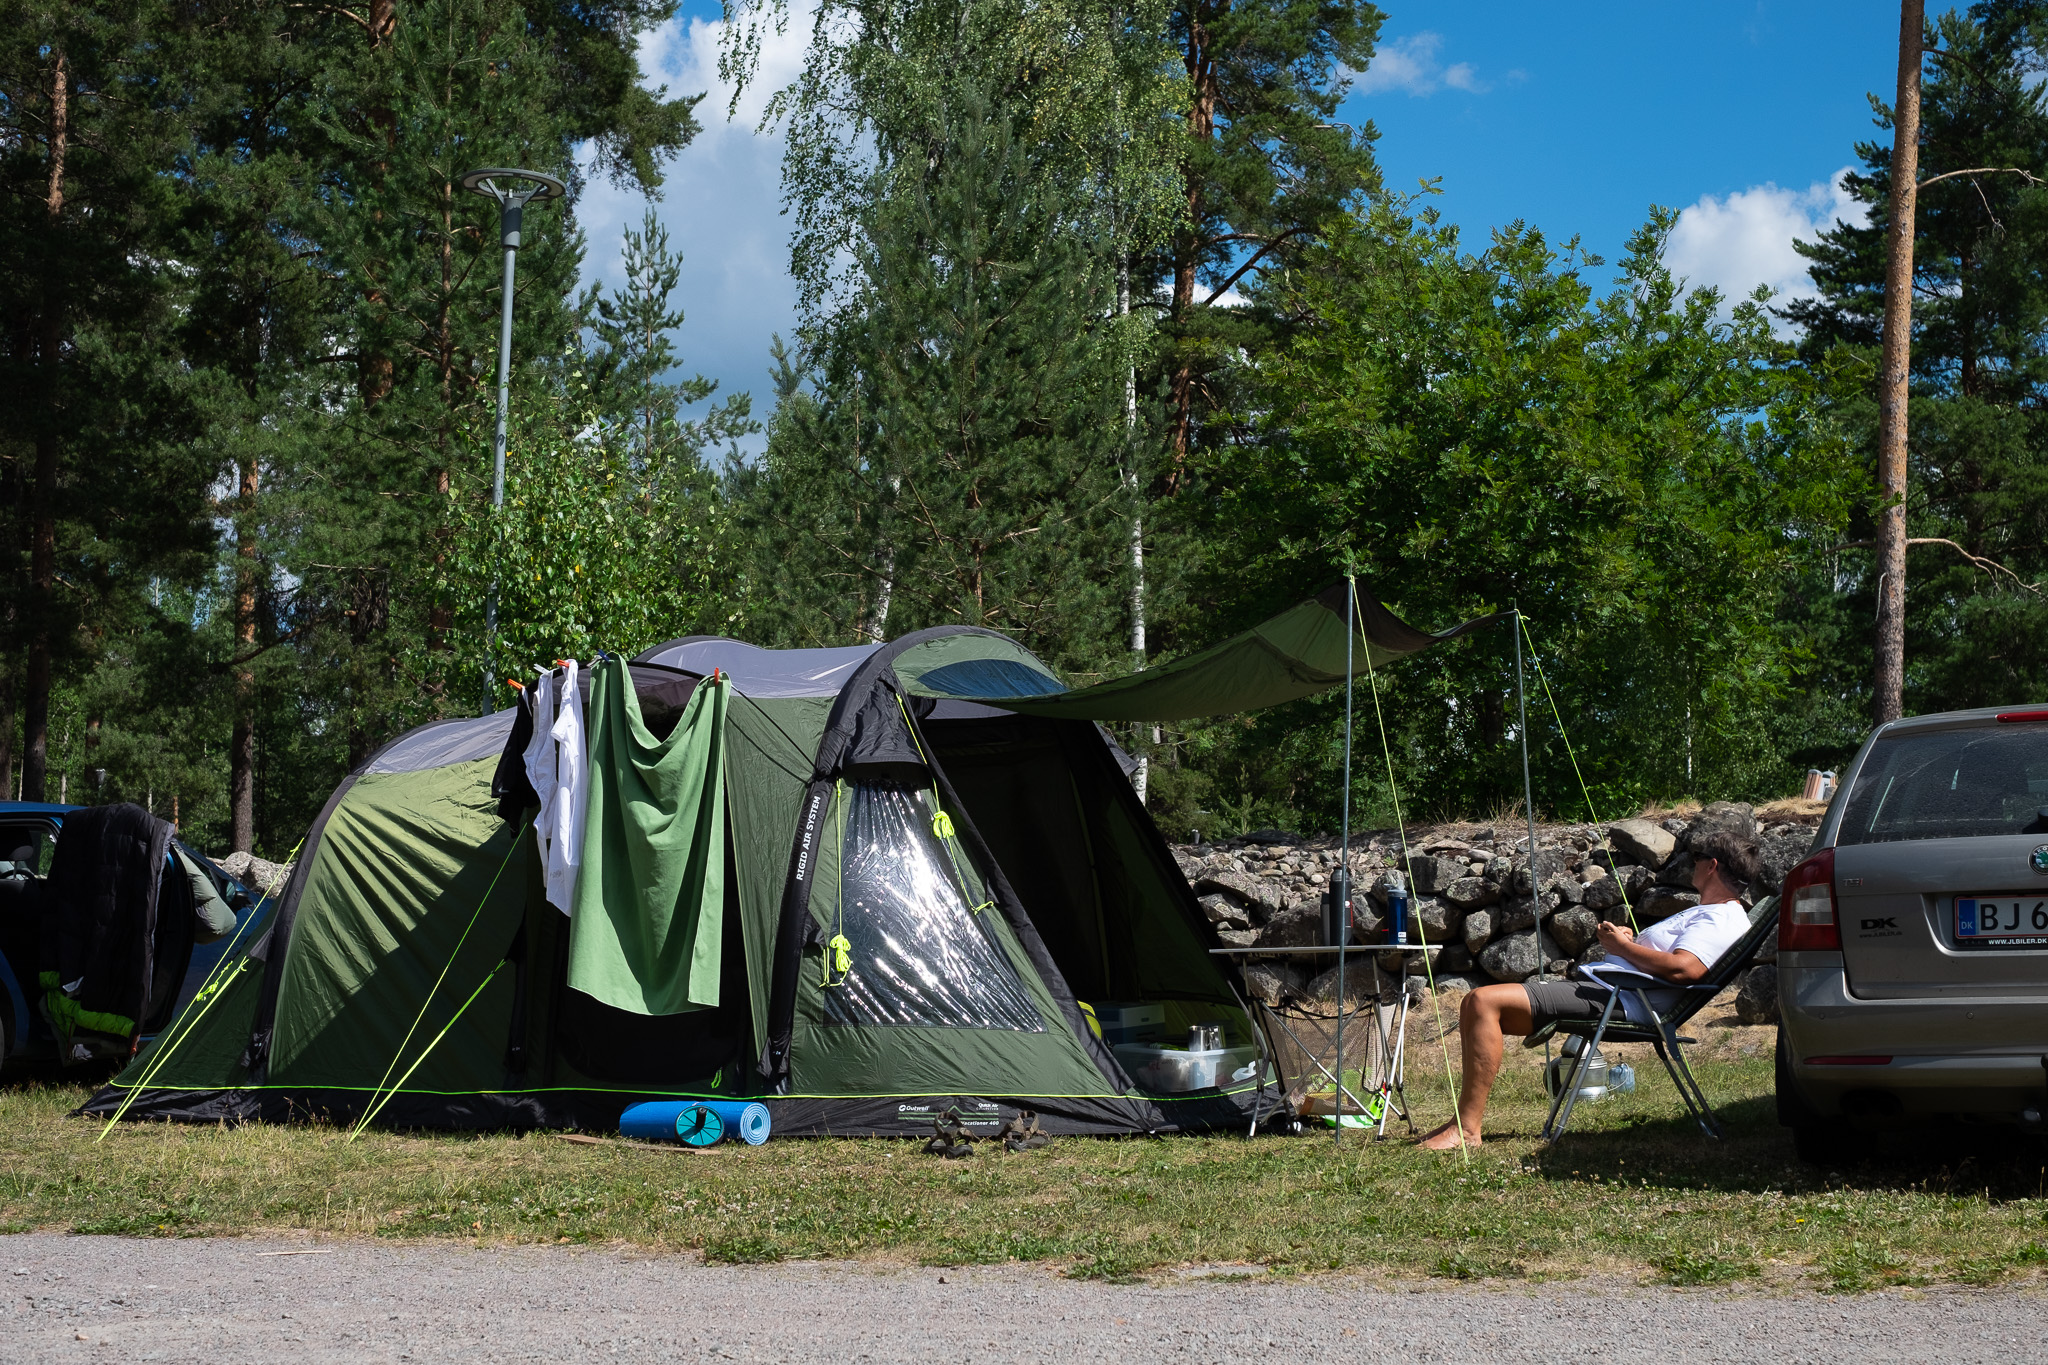 Vores lejr for ugen